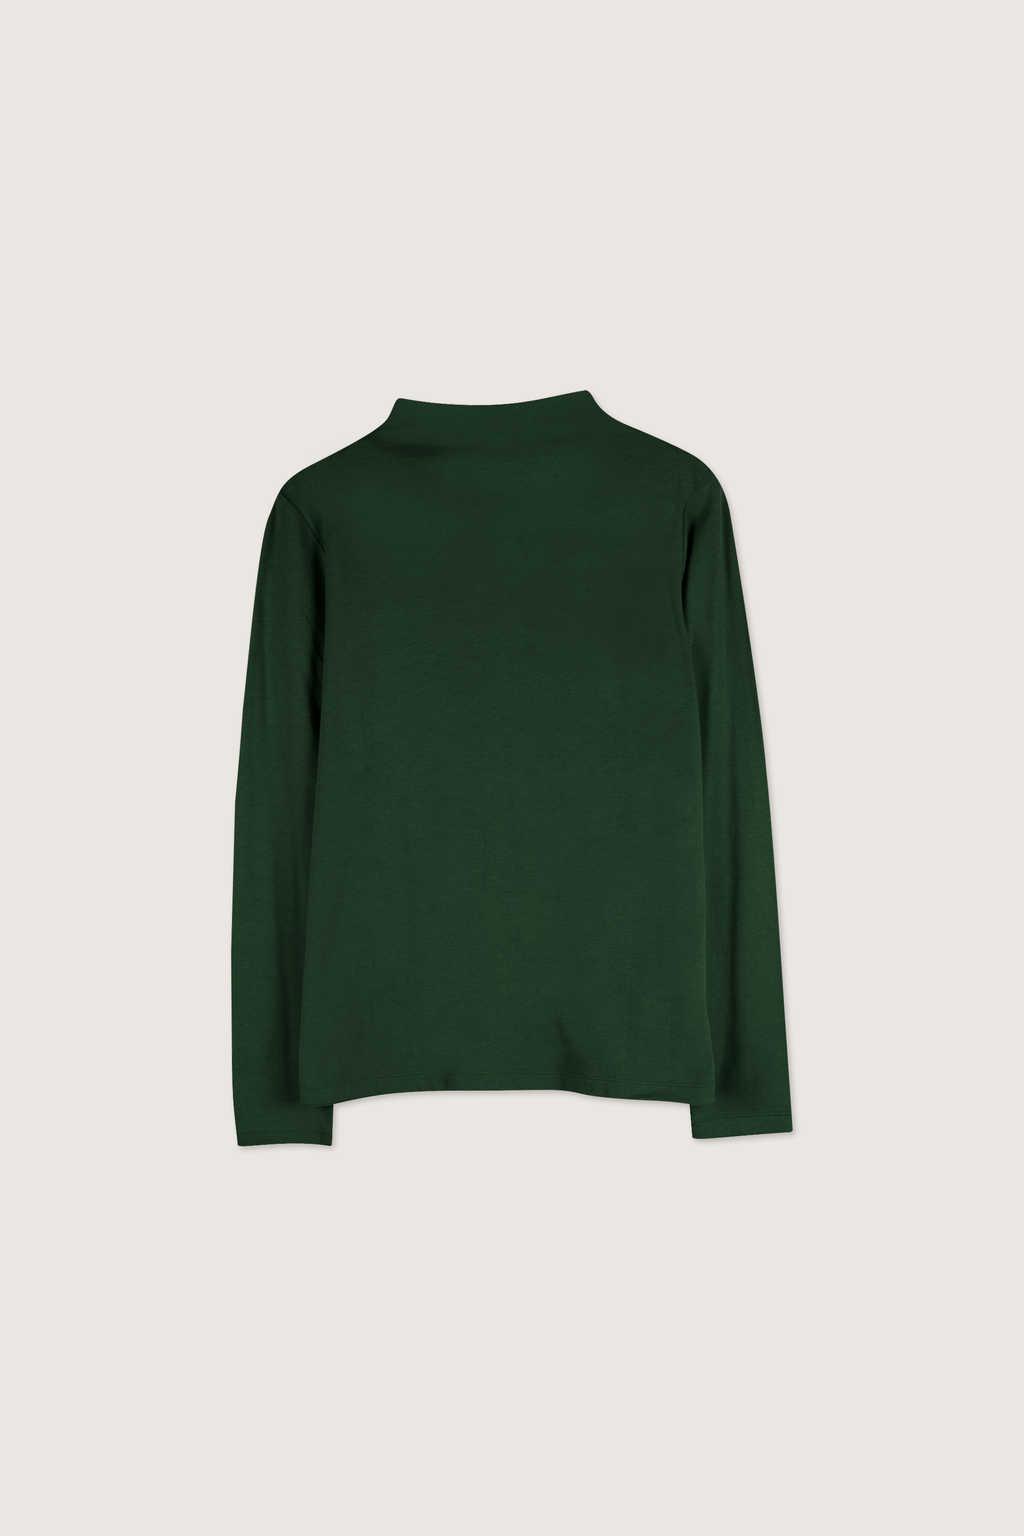 TShirt 1814 Green 7